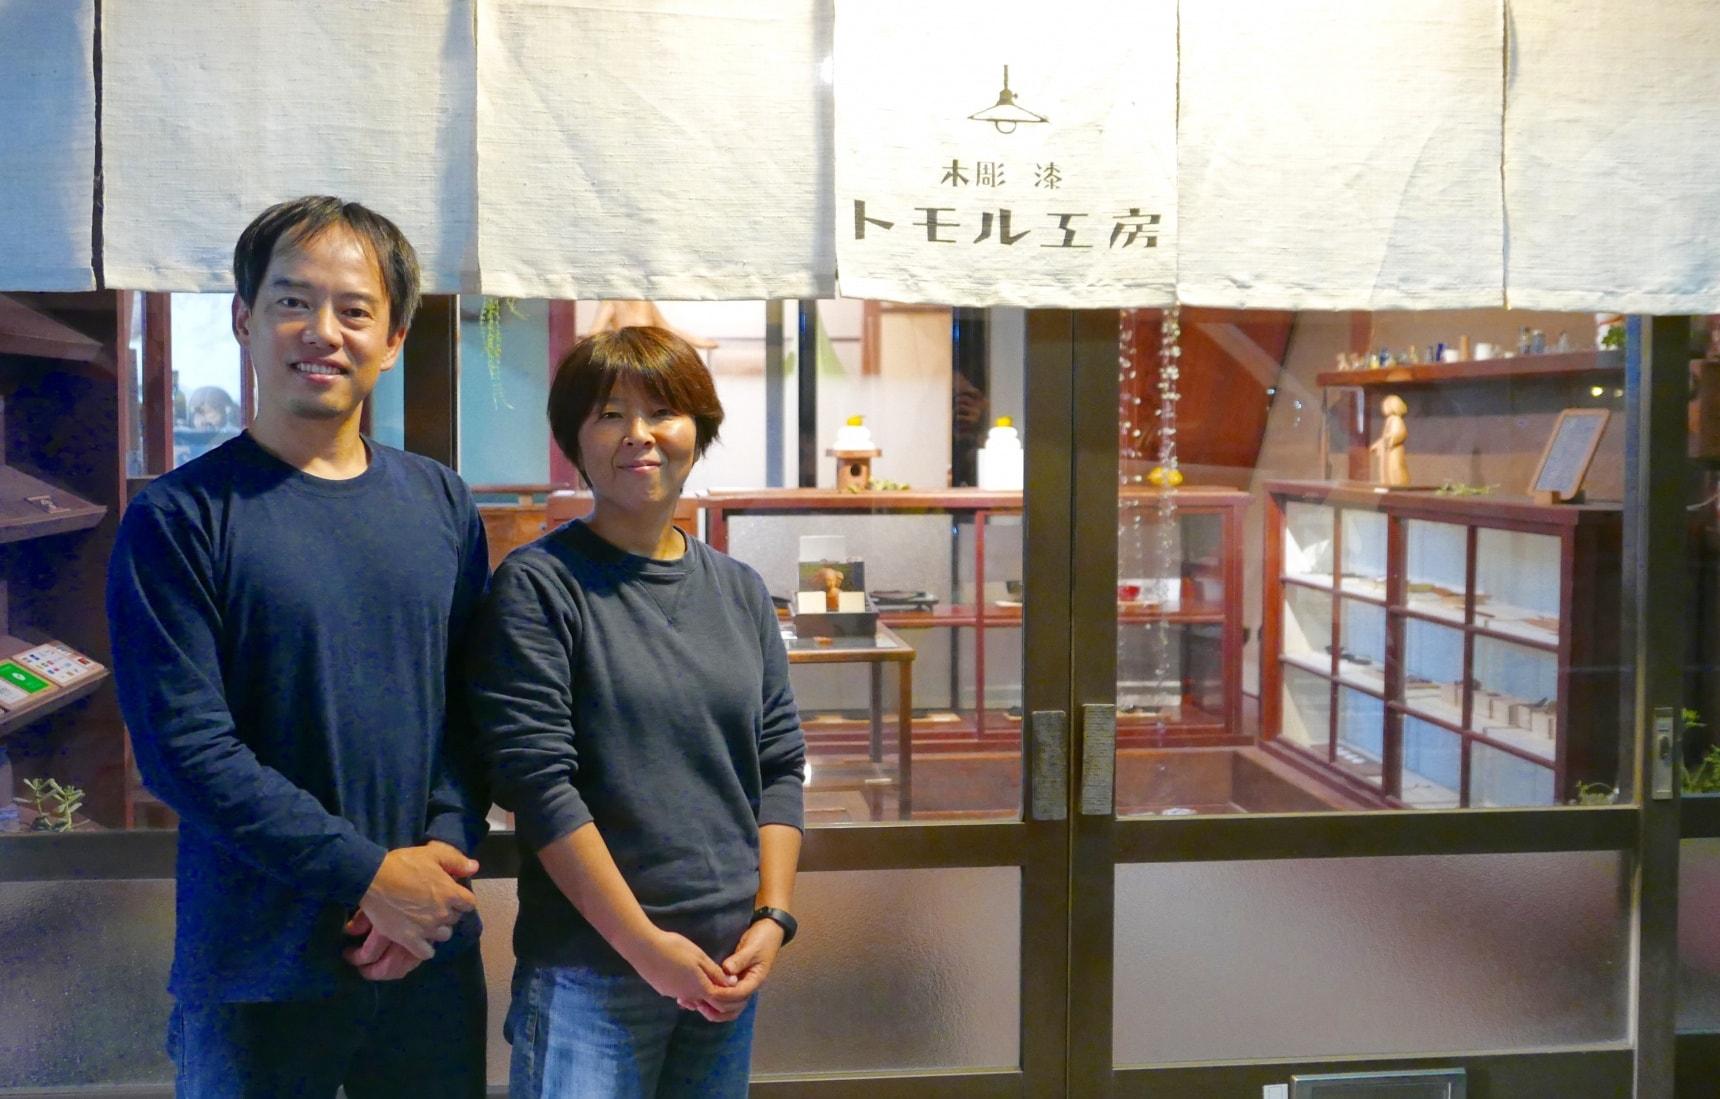 【富山】地方再造計畫!「井波小鎮×工藝職人」旅人體驗美感住宿經歷